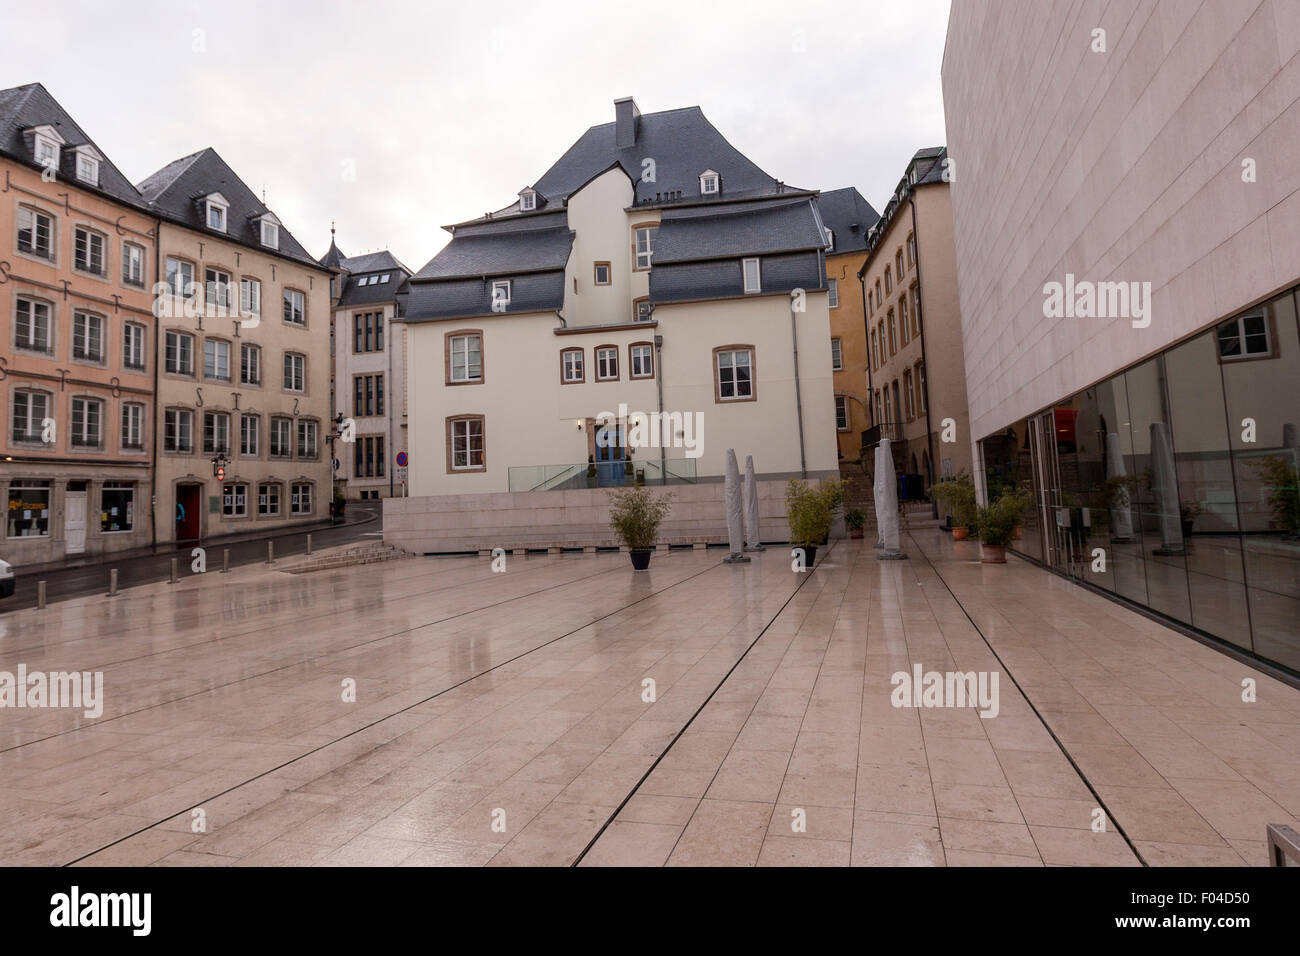 Marché-Aux-Poissons square, con el Musée National d'histoire et d'art Luxemburgo (MNHA) Foto de stock